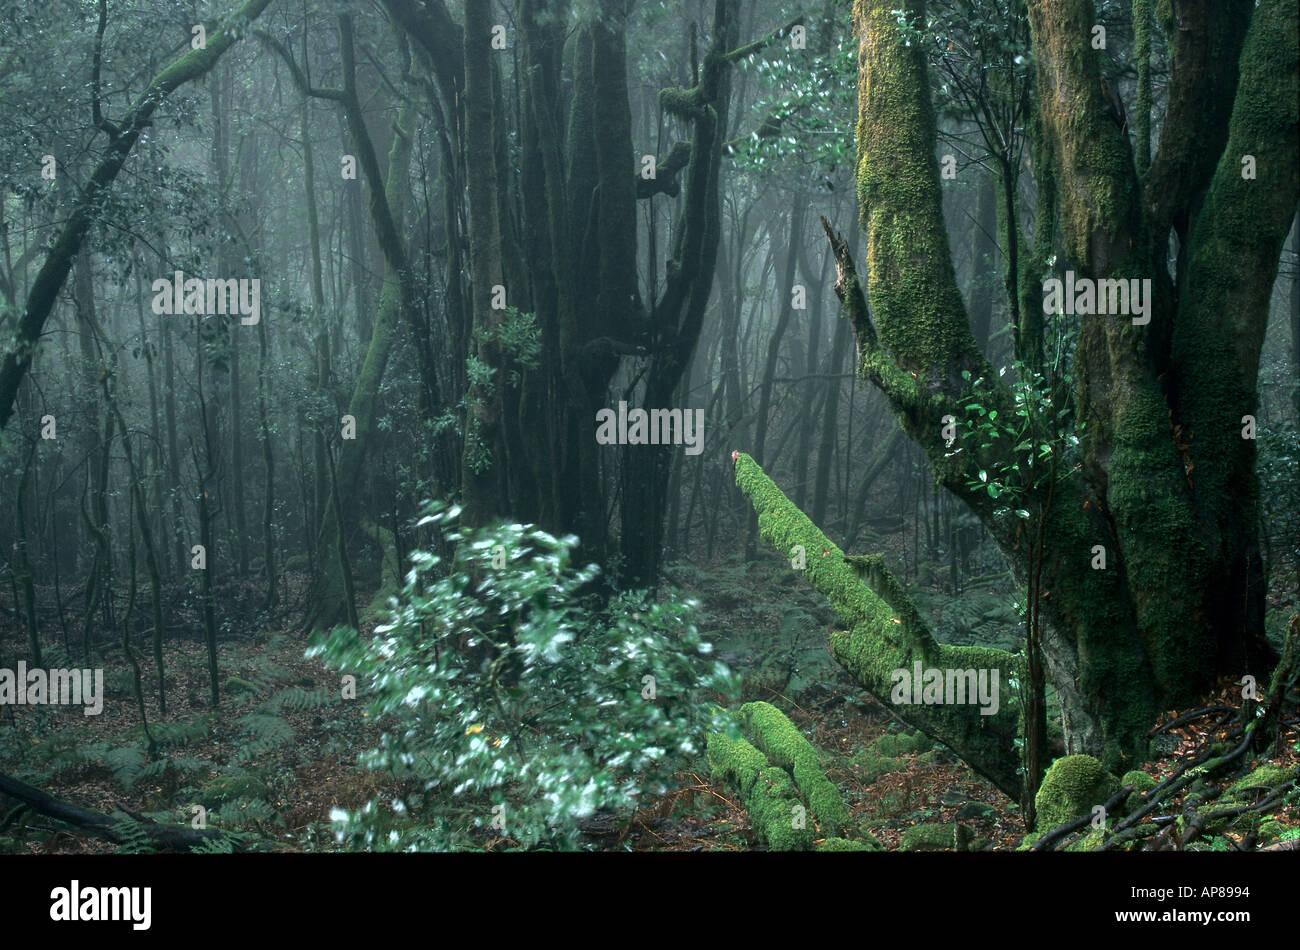 Les arbres en forêt, Parc National de Garajonay, La Gomera, Canary Islands, Spain Banque D'Images